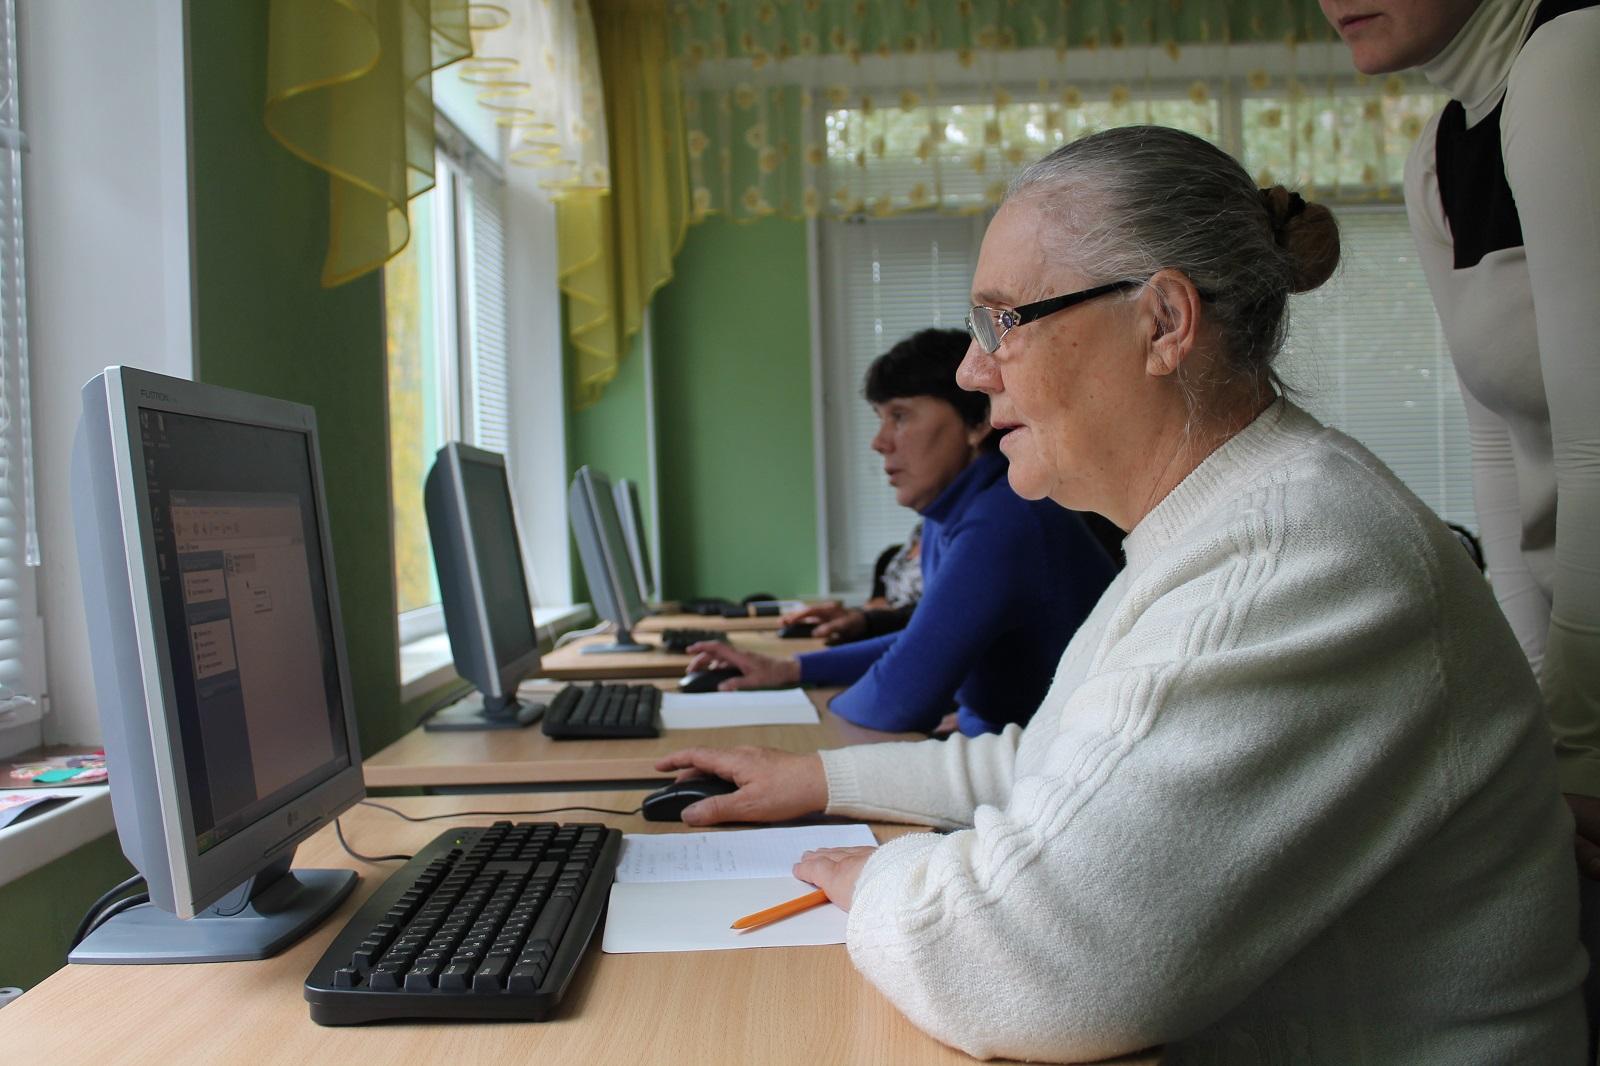 Работа для пенсионеров на дому женщин в москве свежие вакансии